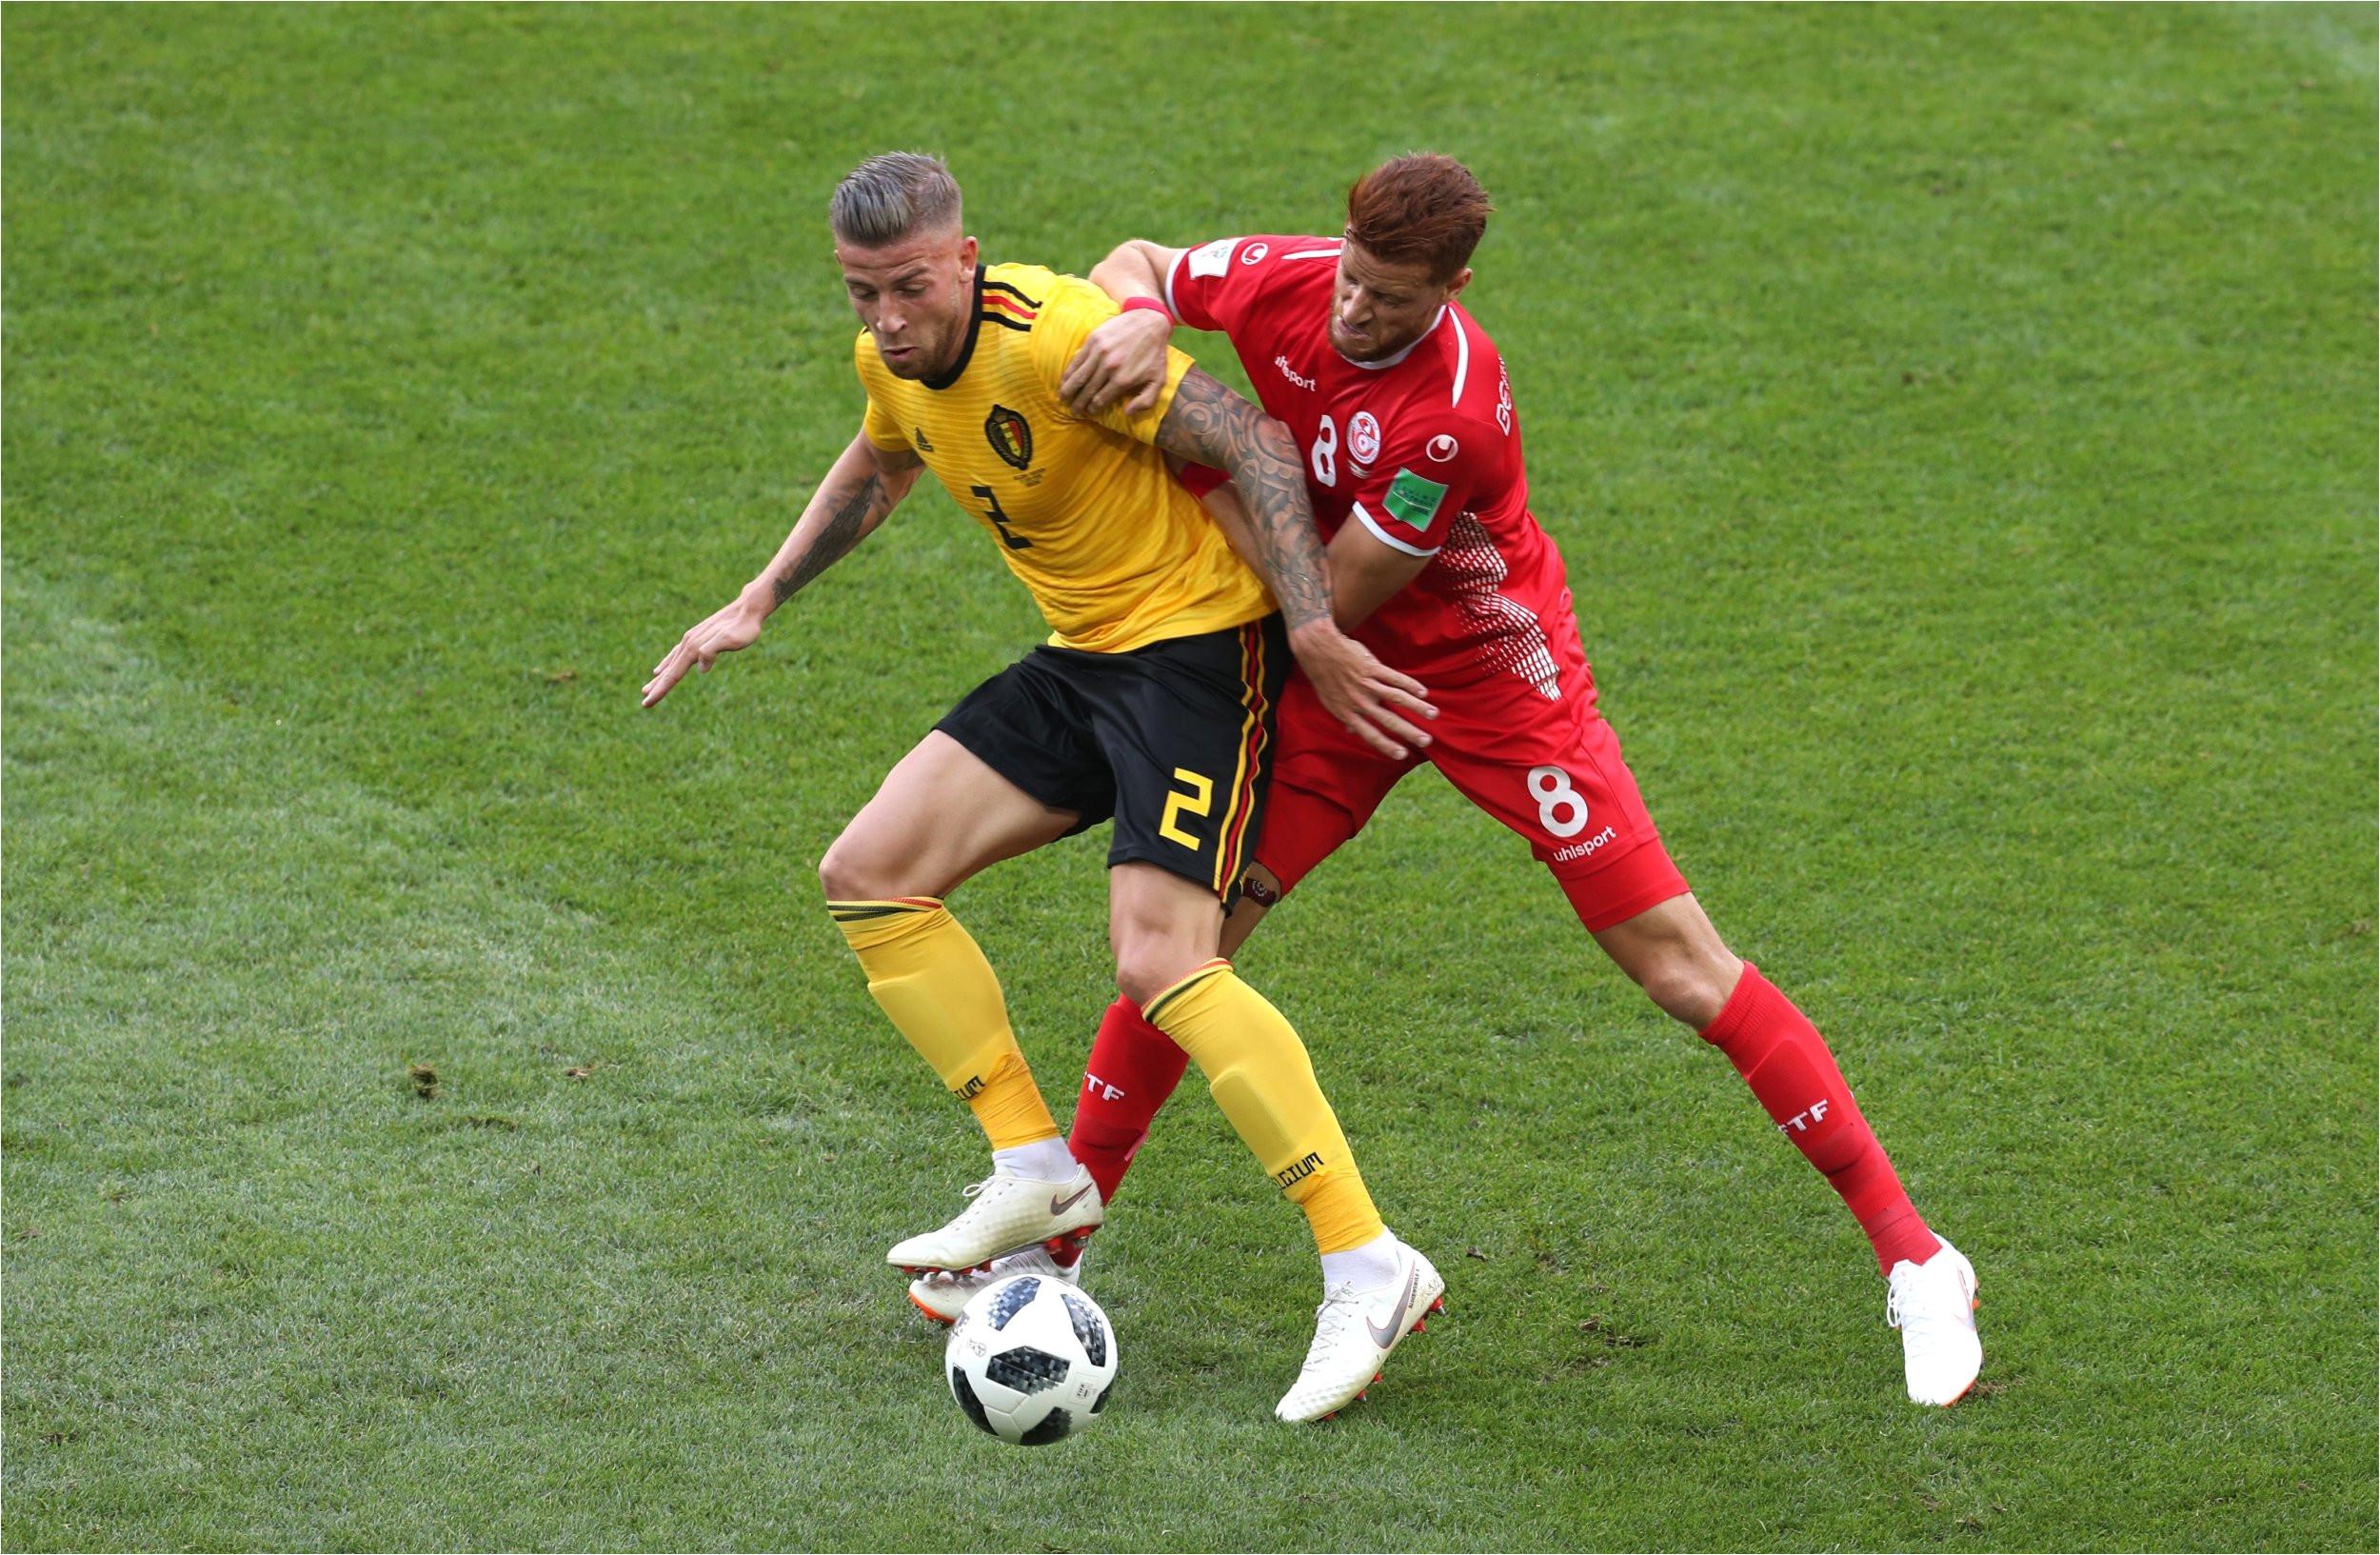 belgium vs tunisia world cup 2018 eden hazard shows qualities toby alderweireld 7 10